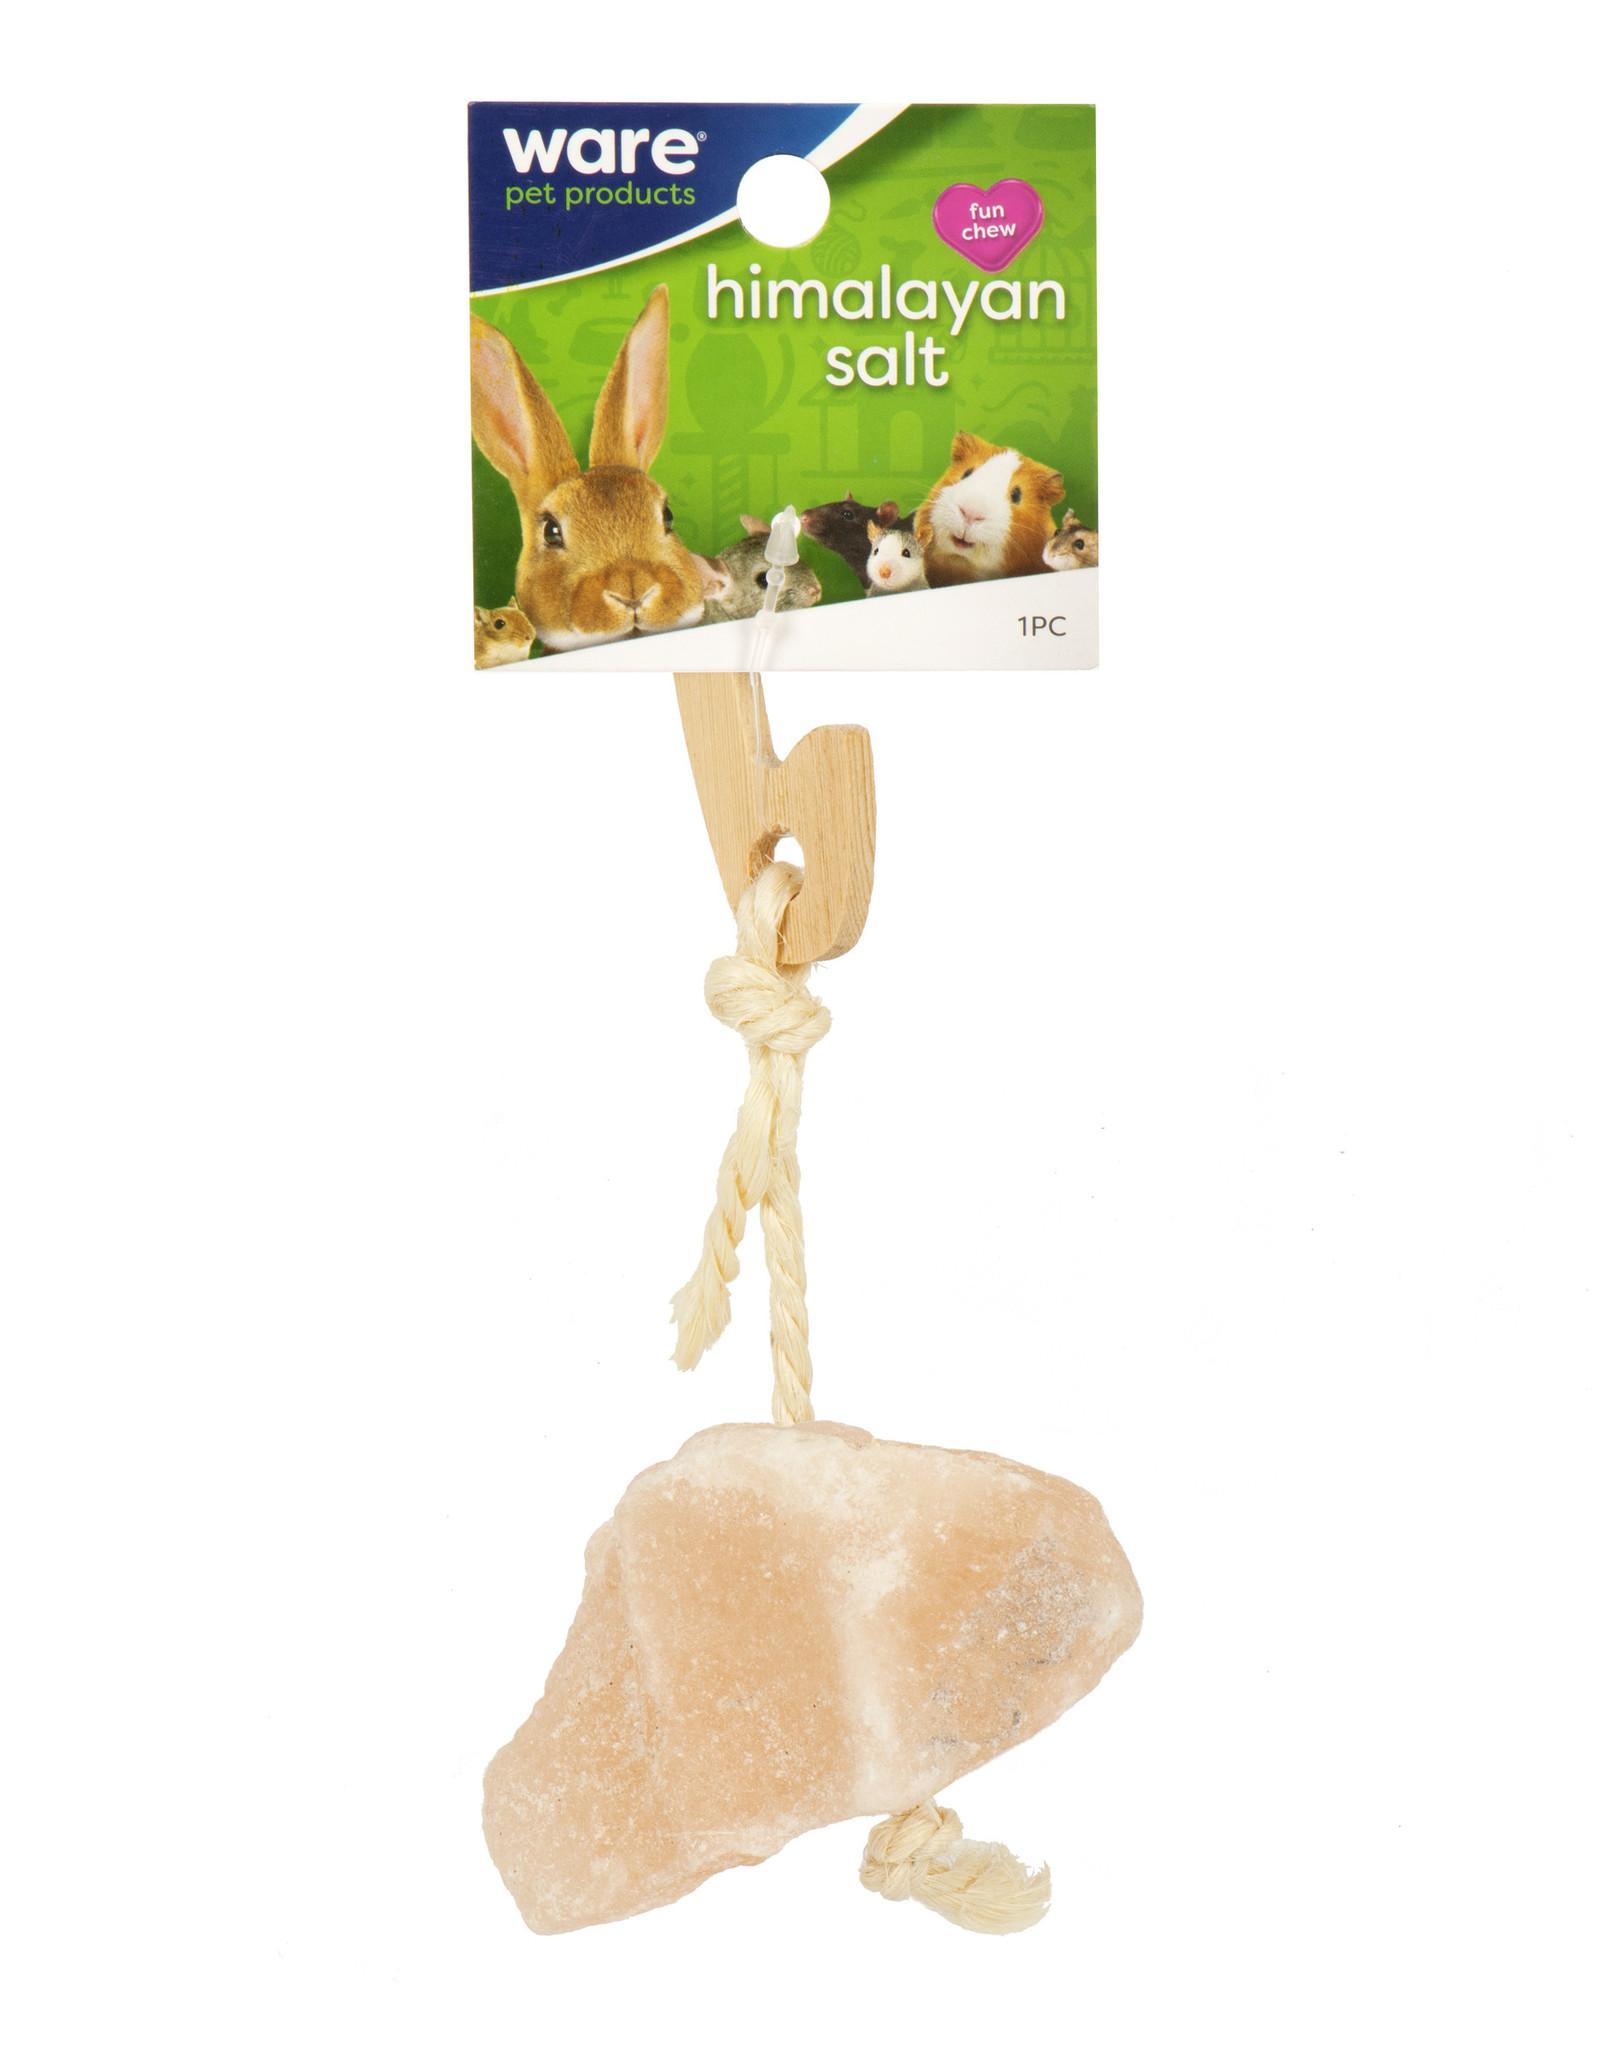 Ware Himalayan Salt